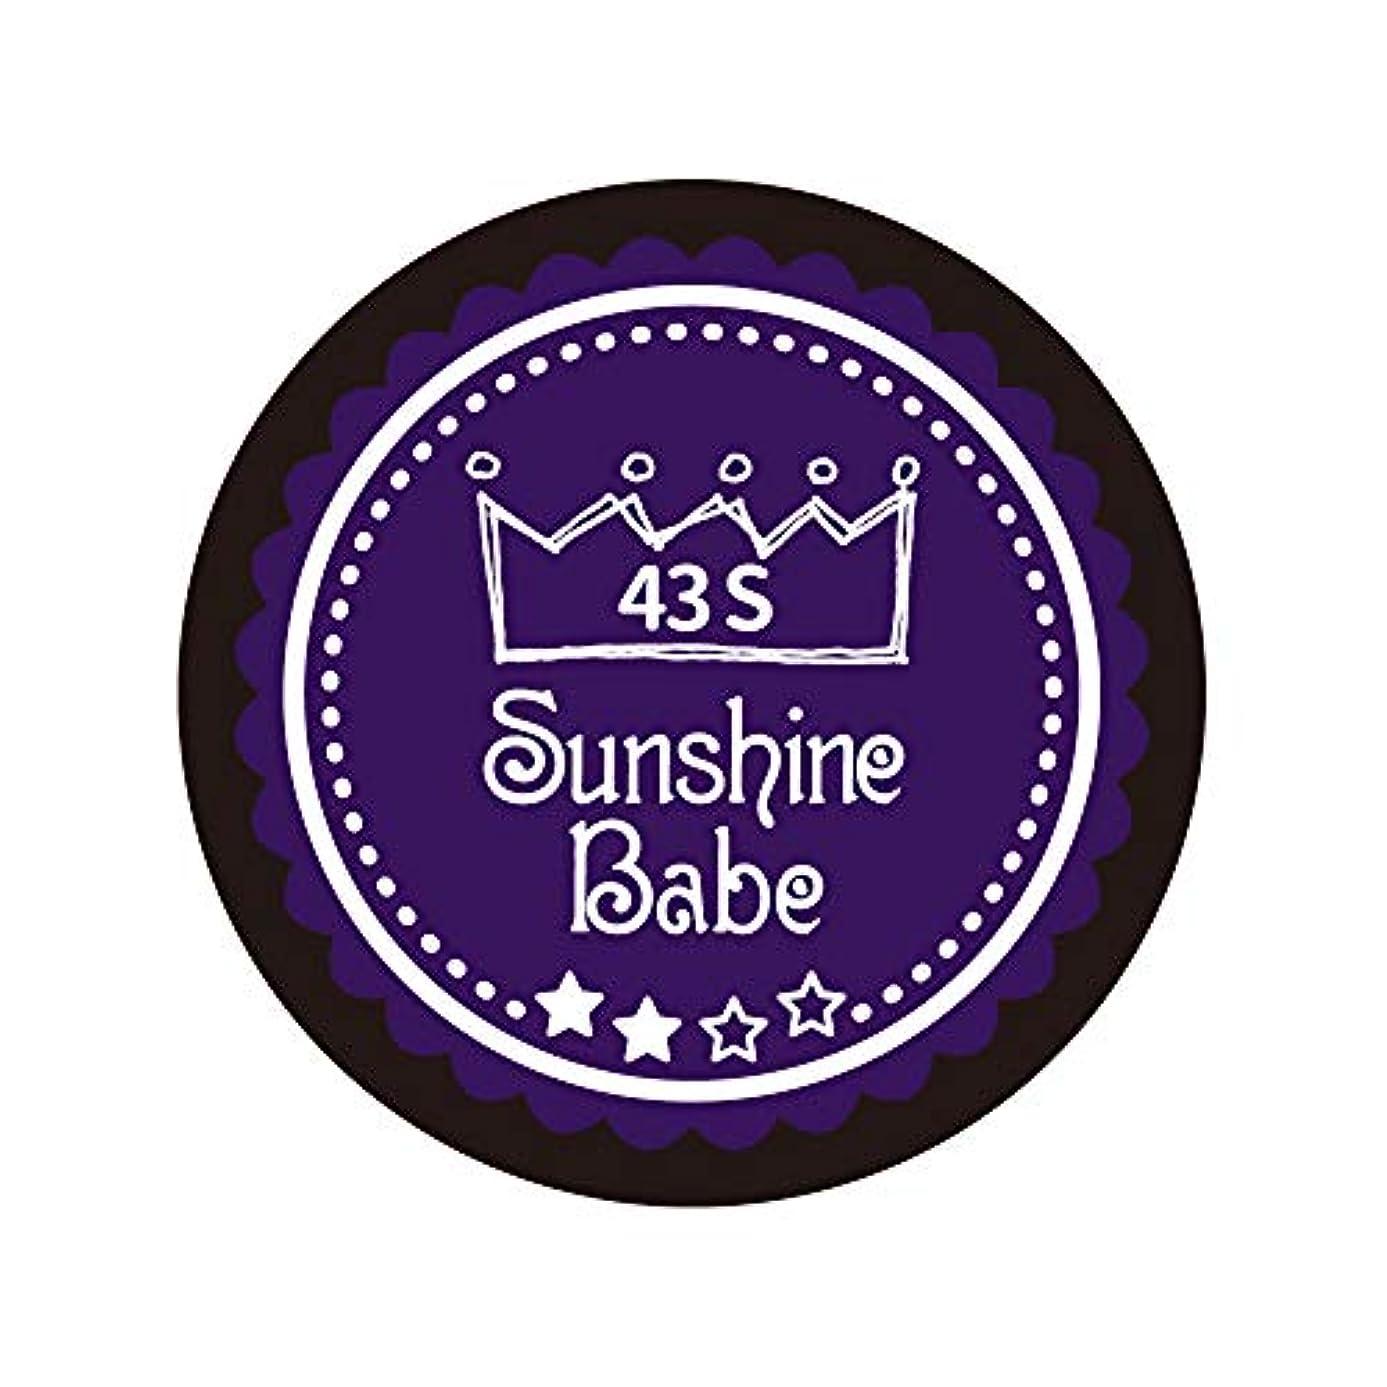 枯渇絶壁音声学Sunshine Babe カラージェル 43S オータムウルトラバイオレット 2.7g UV/LED対応